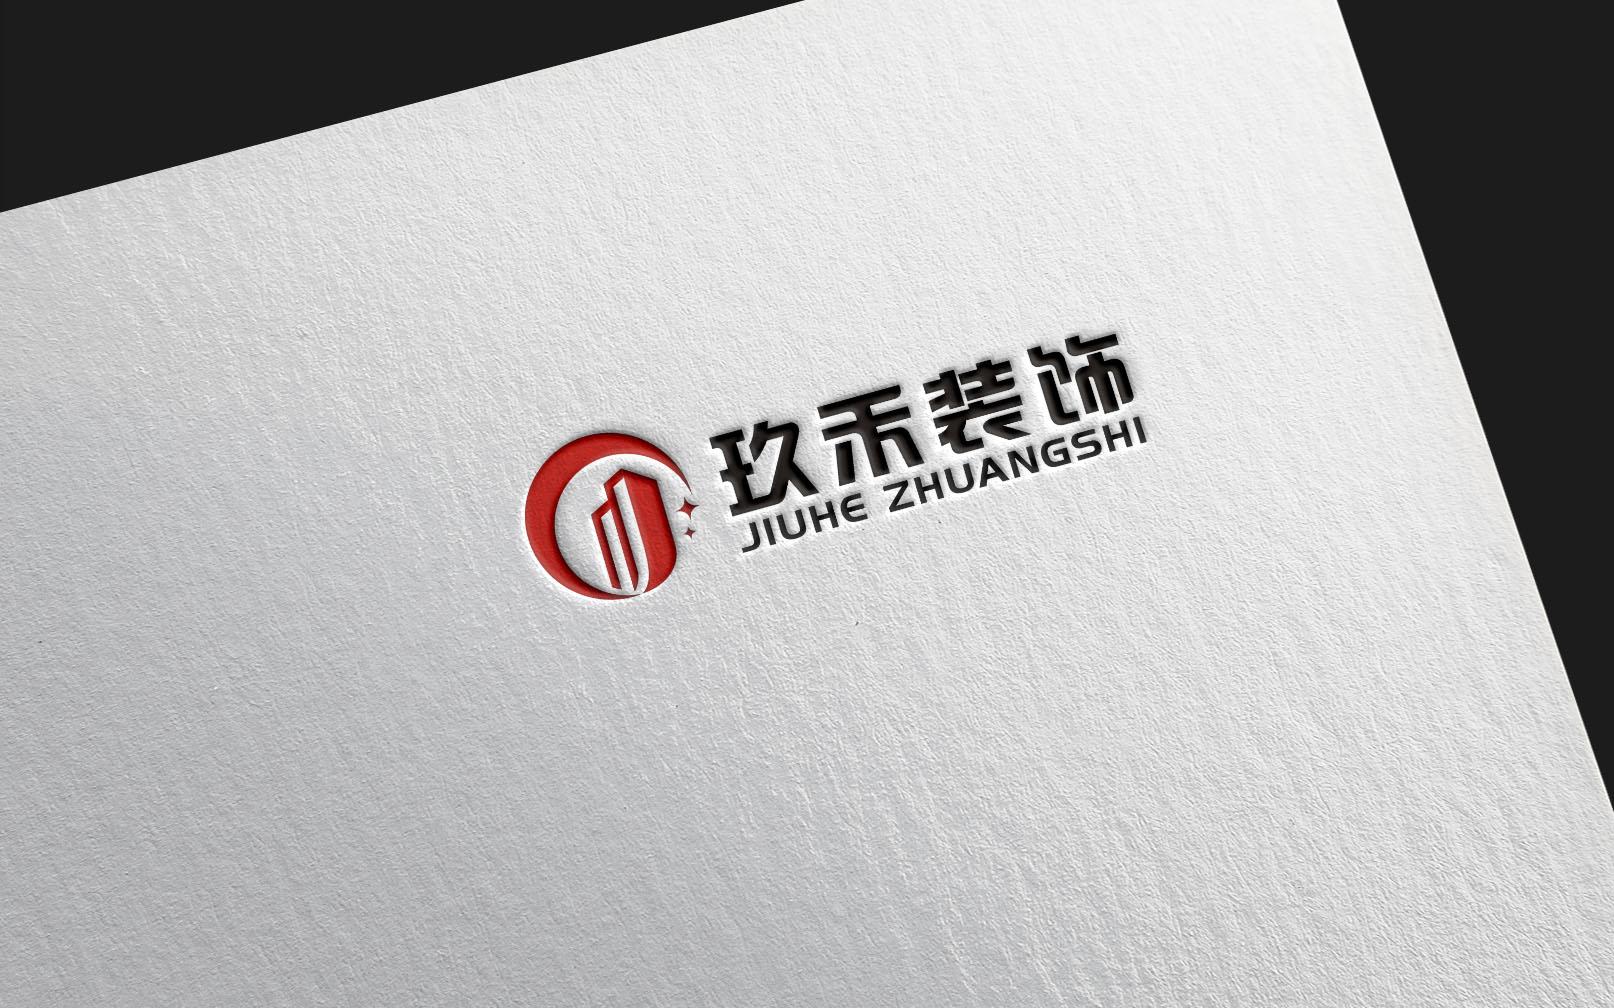 logo设计 名片设计_3026622_k68威客网